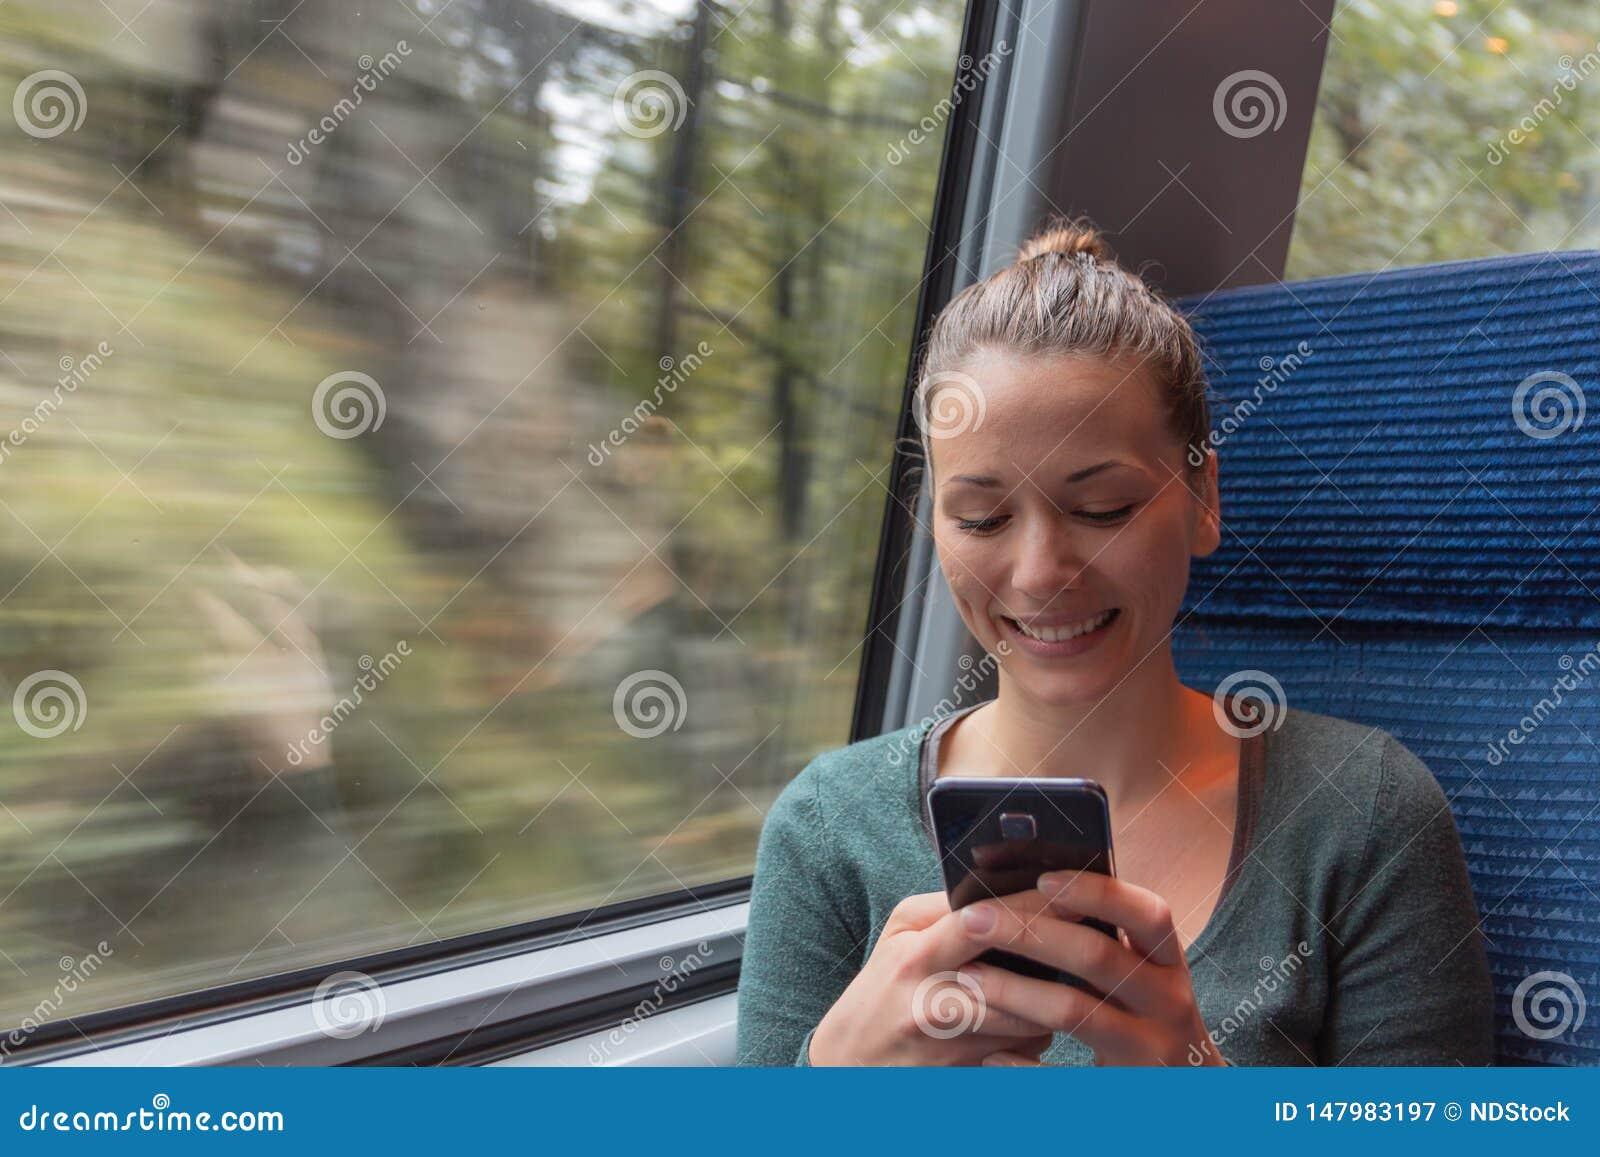 Νέα αποστολή κειμενικών μηνυμάτων γυναικών με το smartphone του κατά τη διάρκεια ενός ταξιδιού στο τραίνο ενώ πρόκειται να εργαστ